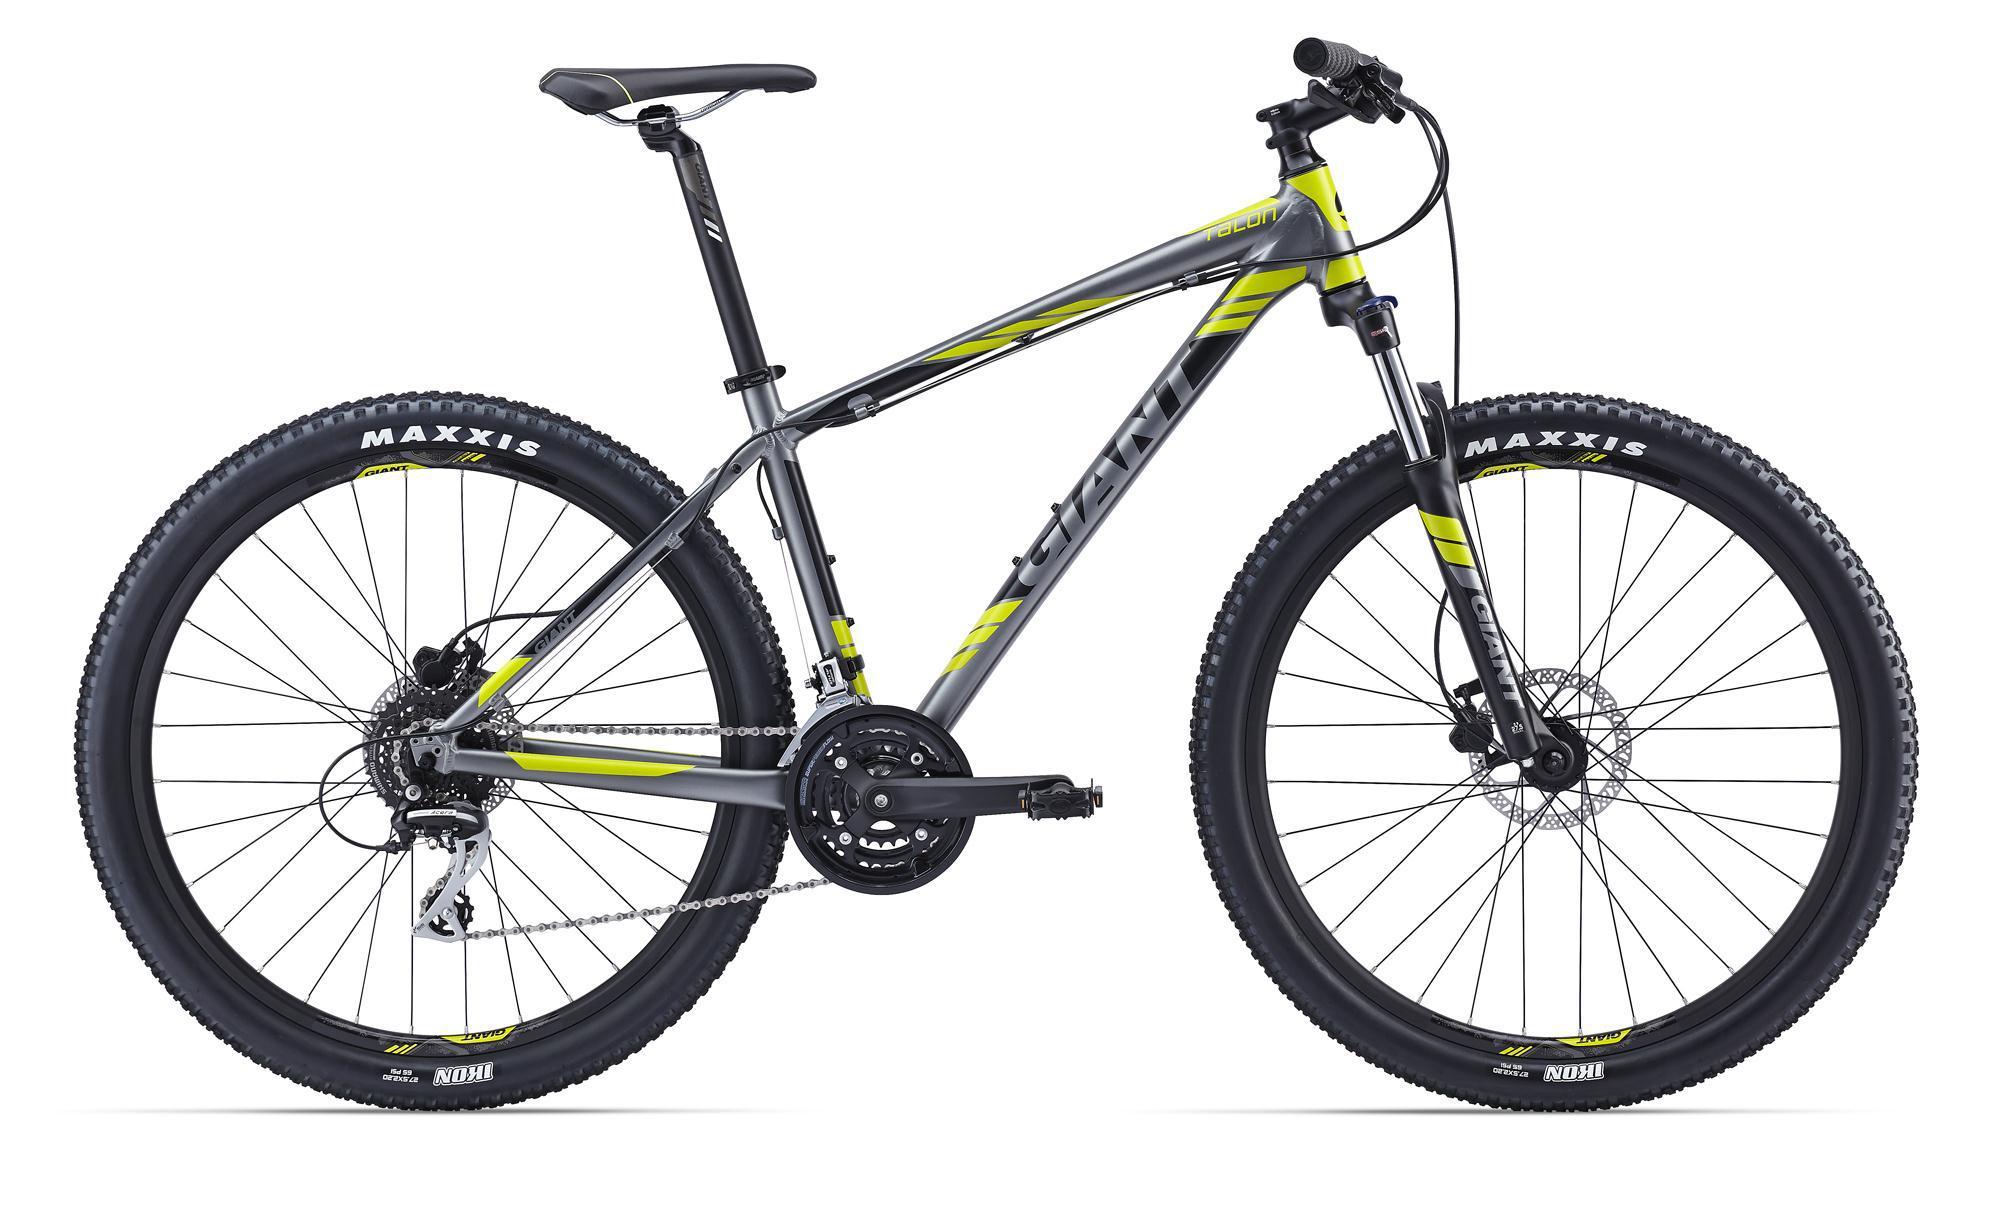 """Giant Talon 27.5 4 (2016)Горные<br>Этот велосипед всей своей натурой рвется к новым подъемам, спускам, резким поворотам, стремительным ускорениям, веди именно для этого он и был разработан. Его отличные характеристики обеспечиваются продуманной рамой, специально разработанной под размер колес 27,5"""", которая выполнена по технологии баттинга из алюминия ALUXX. Отличный вес обеспечен! Амортизационная вилка имеет блокировку, Talon 27.5 4 также укомплектован мощными и понятно работающими дисковыми тормозами. Потрясающий снаряд для свежих эмоций.<br>"""